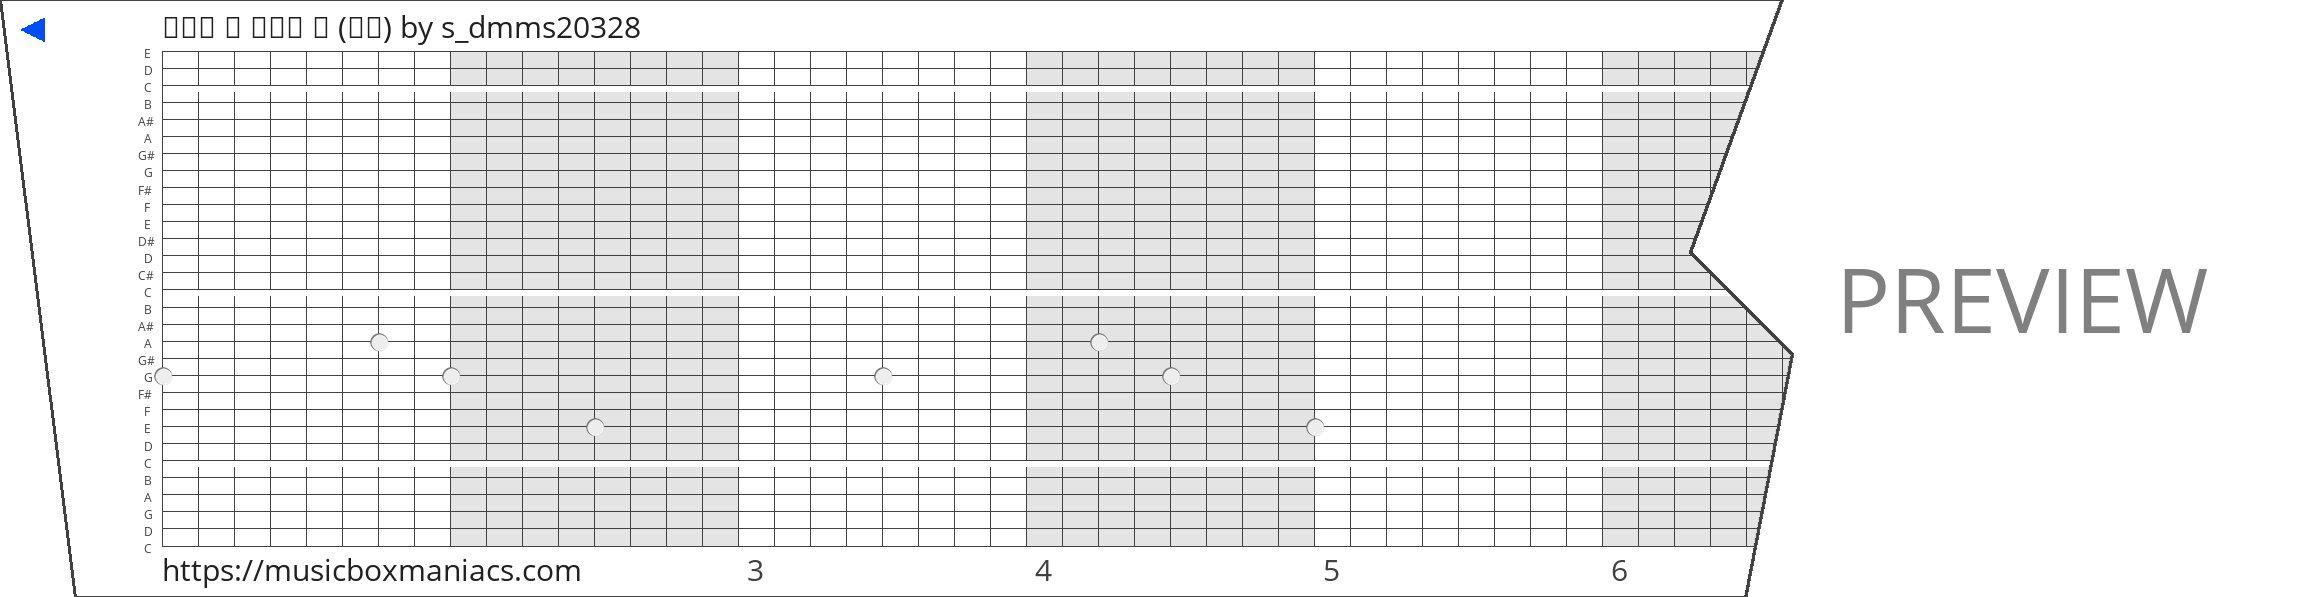 고요한 밤 거룩한 밤 (완성) 30 note music box paper strip